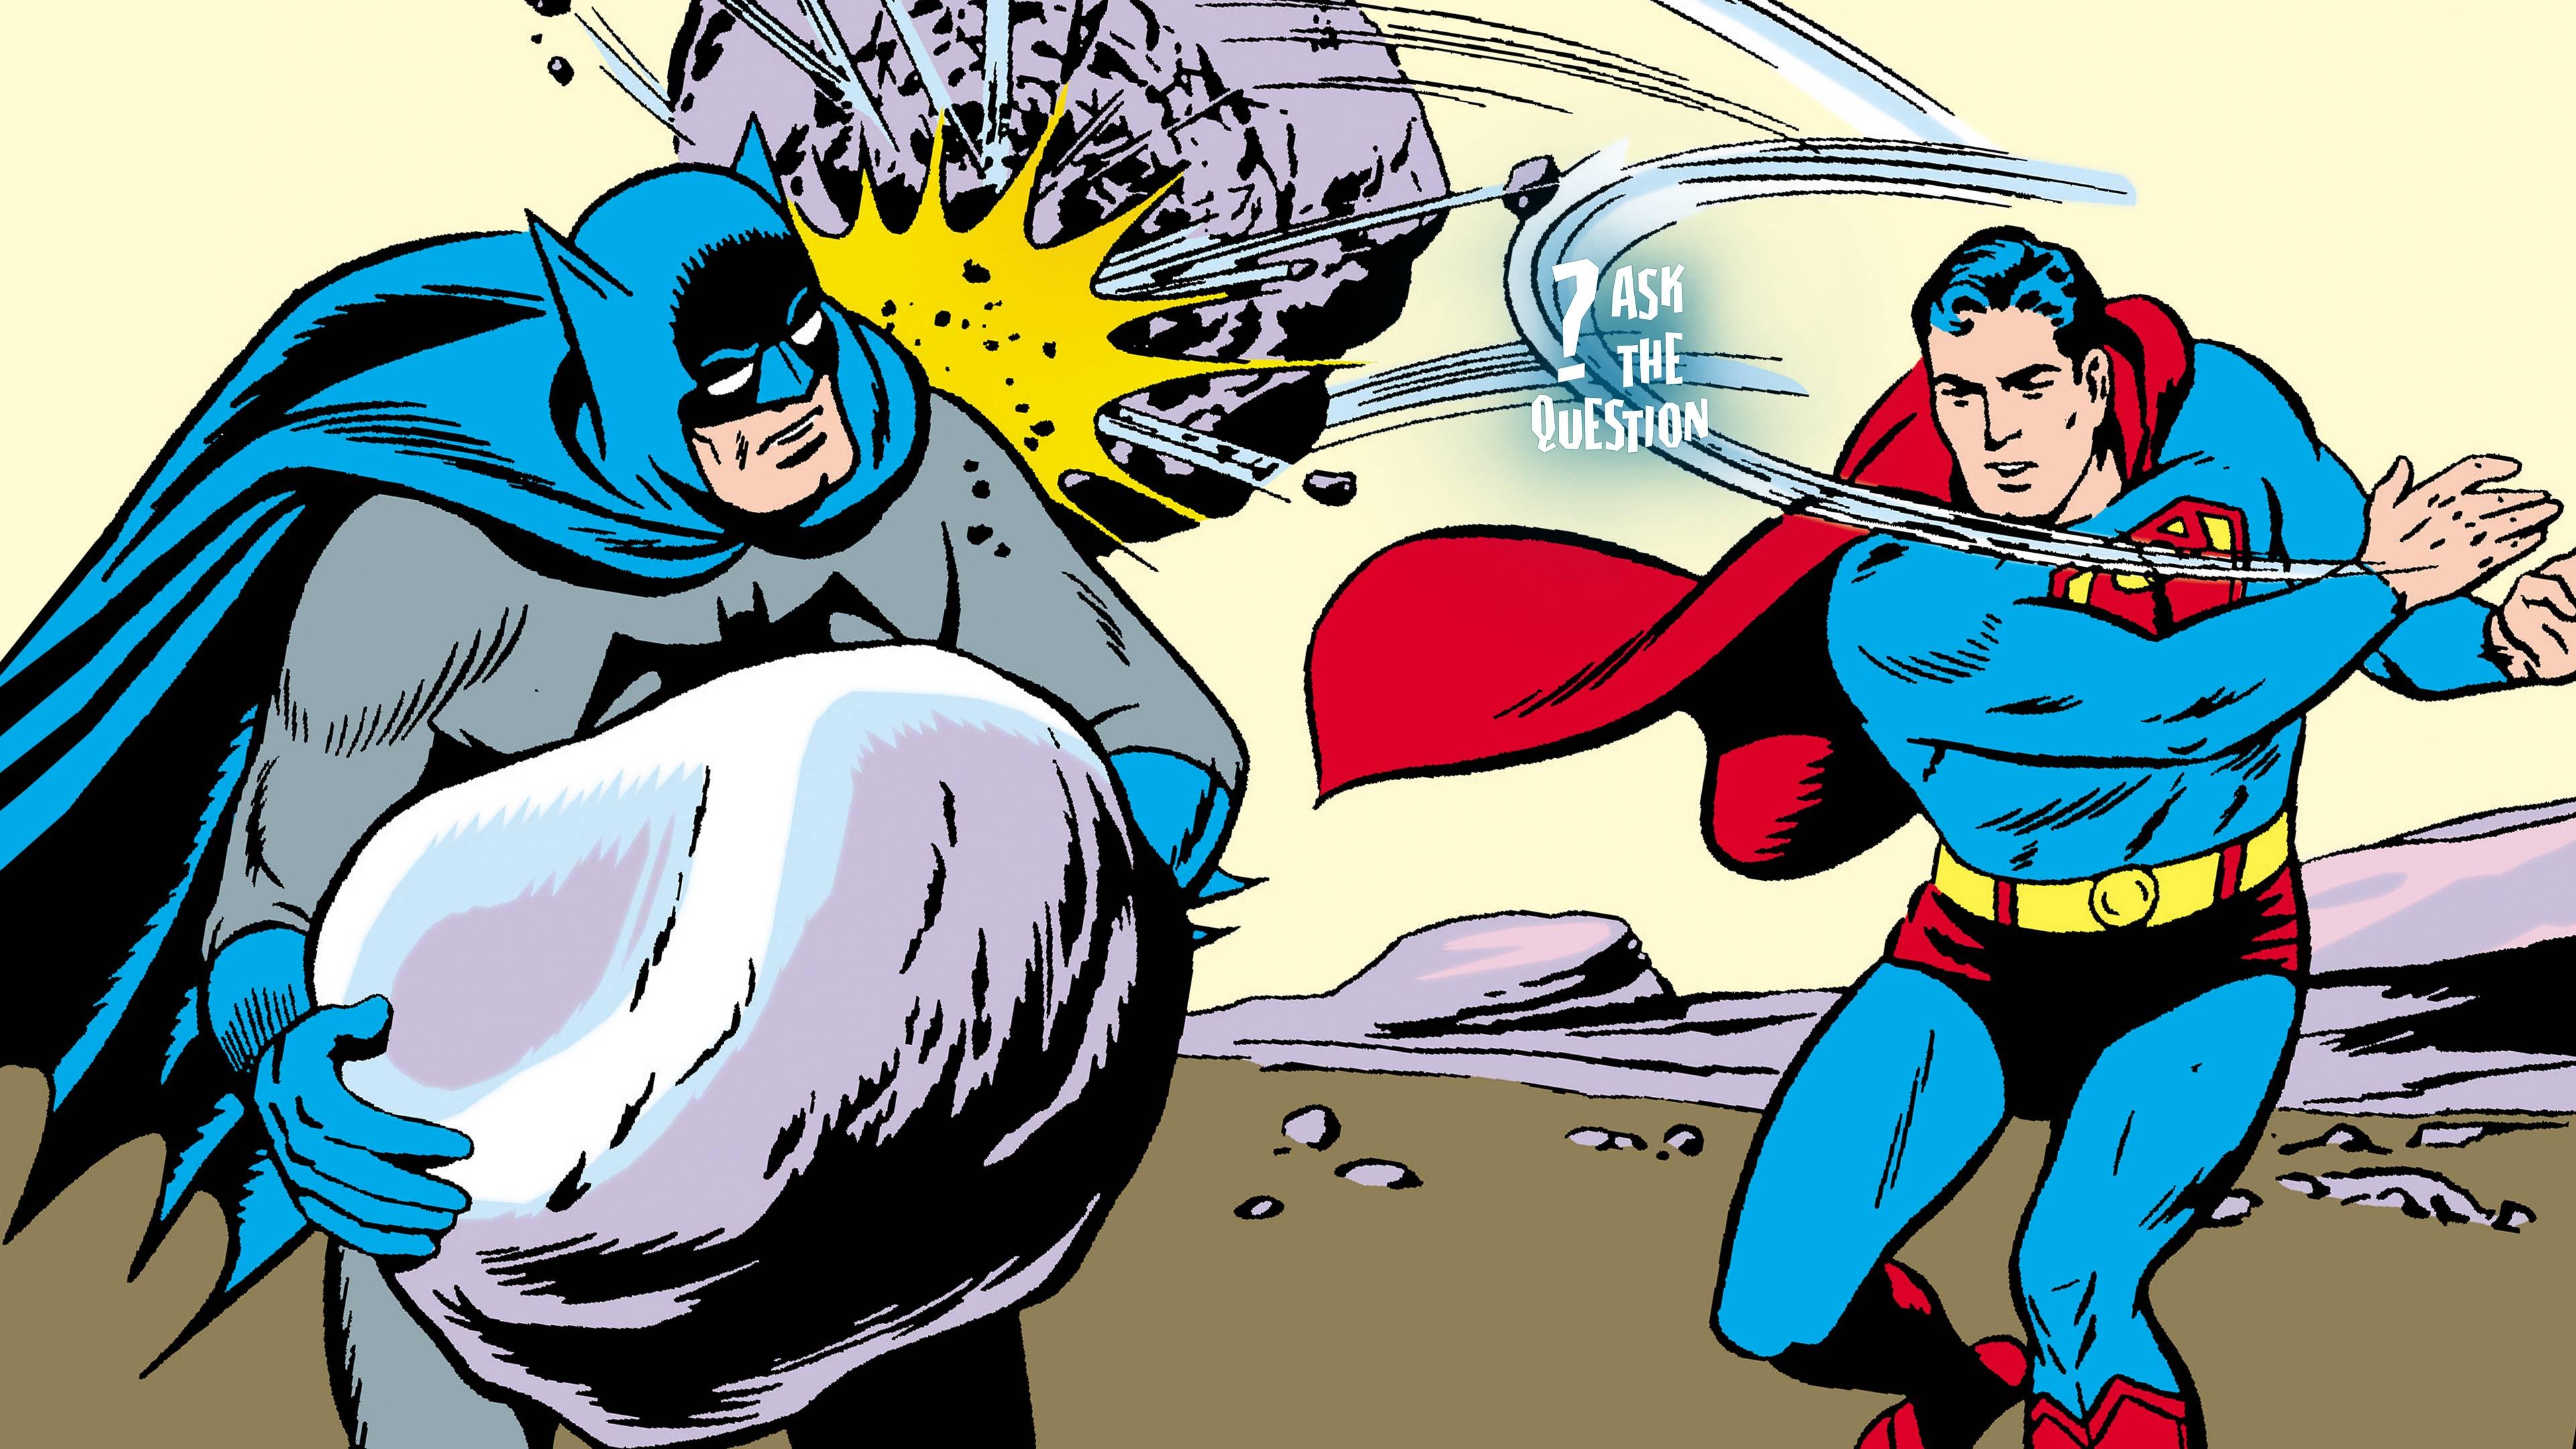 atq-supervbats-news-hero-190807-v1.jpg